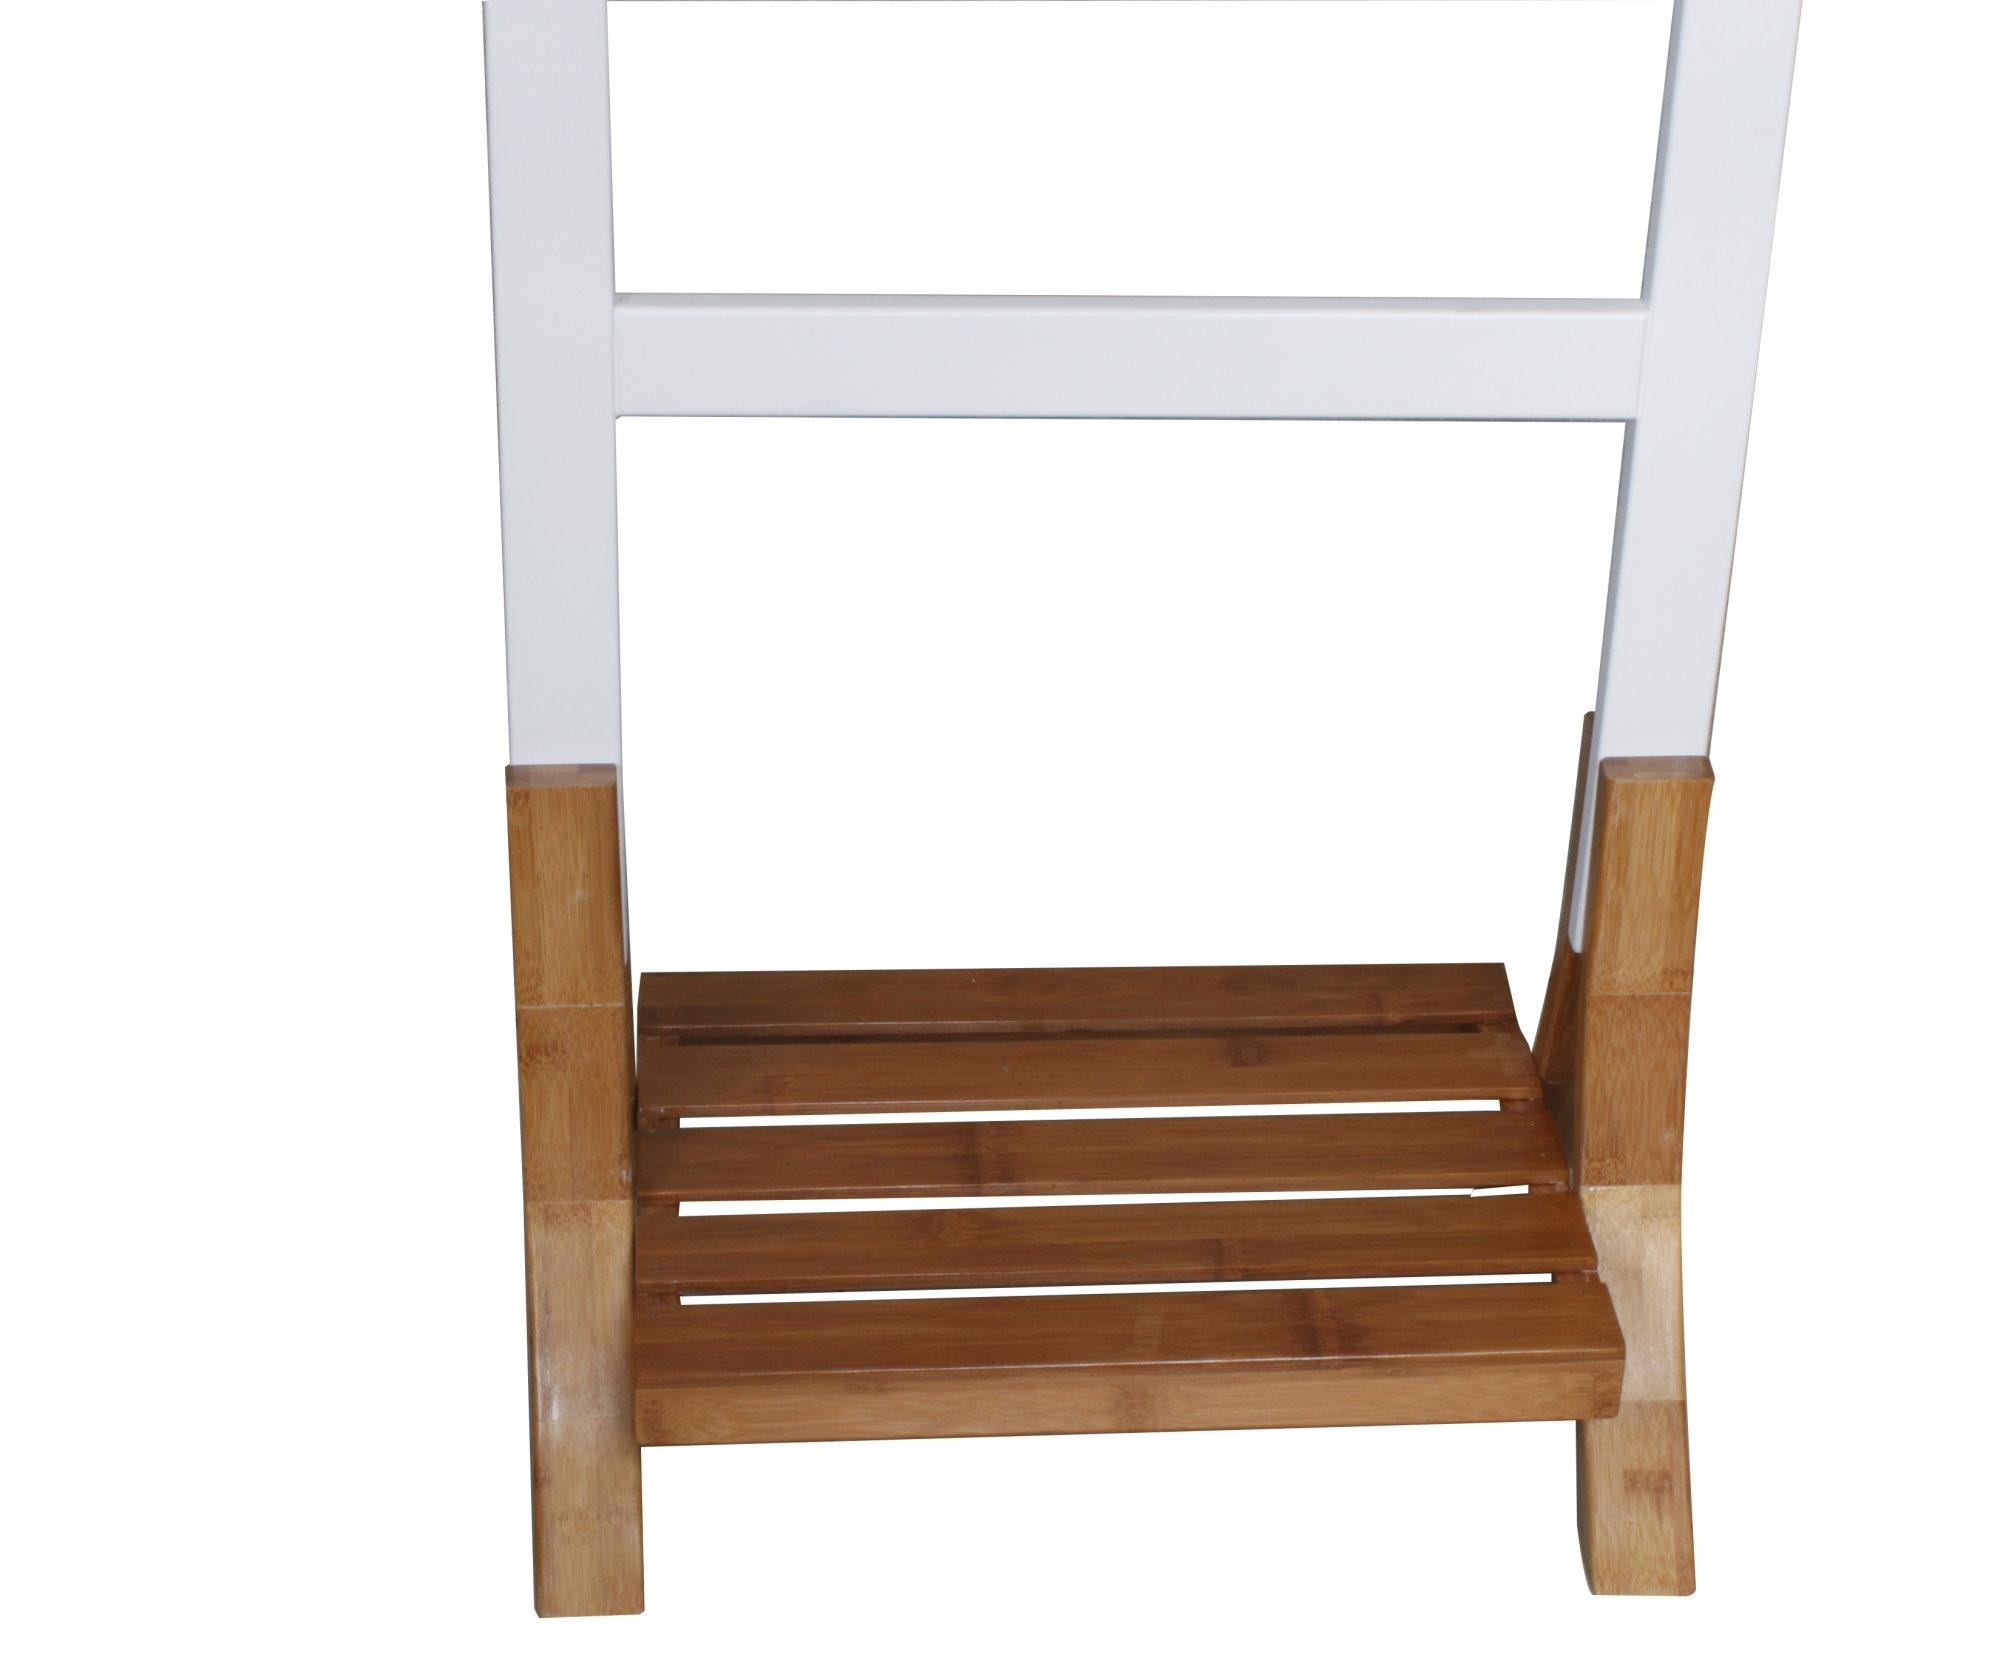 Madera bamb kleiderst nder toallero armario toallero de for Colgador toalla bano